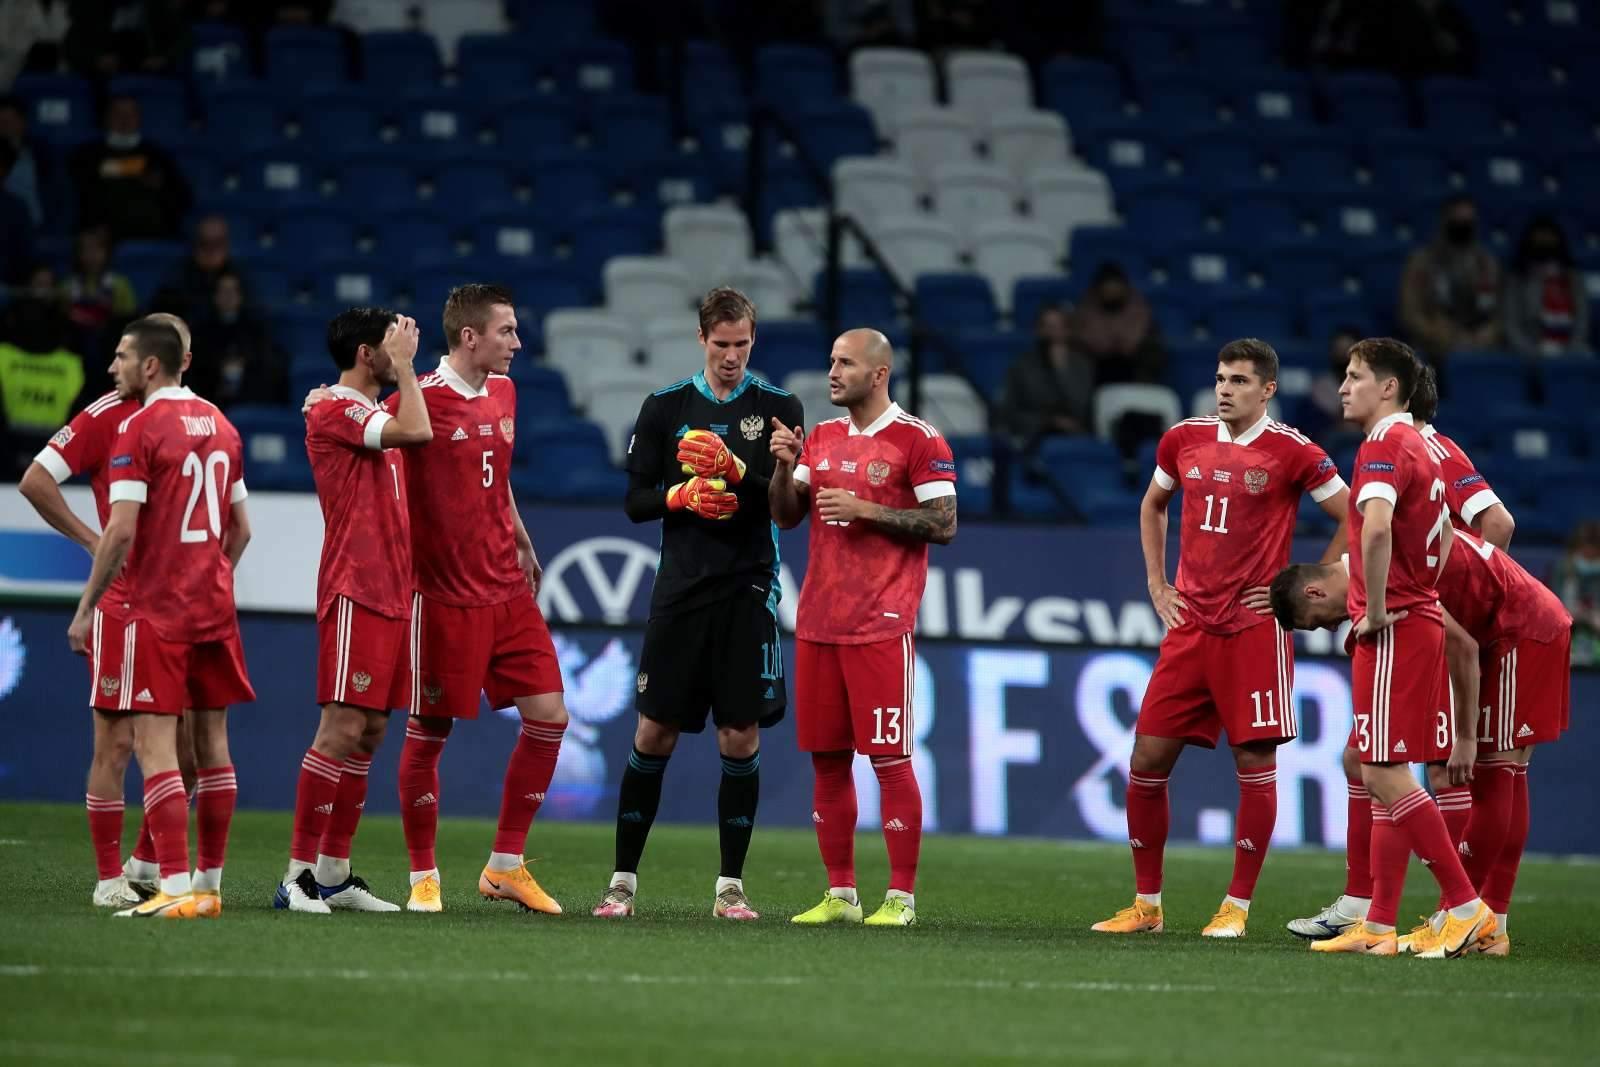 Сборная России сыграет против Словении в красной форме